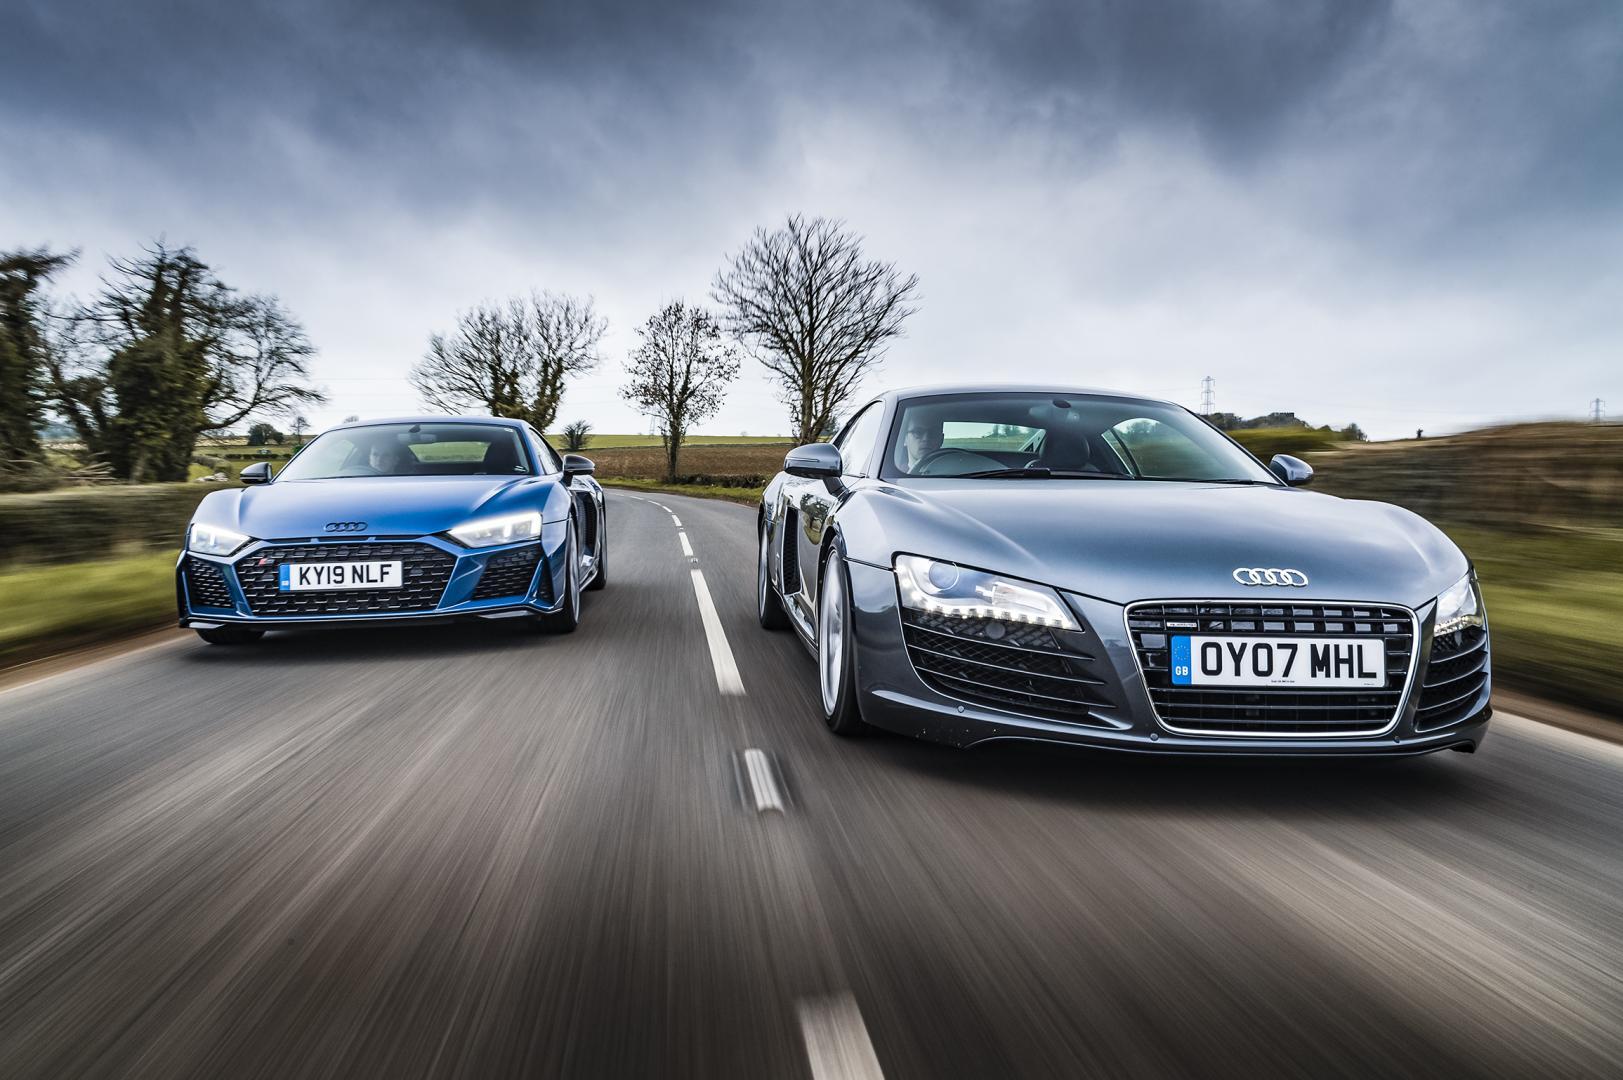 Audi R8 V10 vs Audi R8 V8 voor op weg